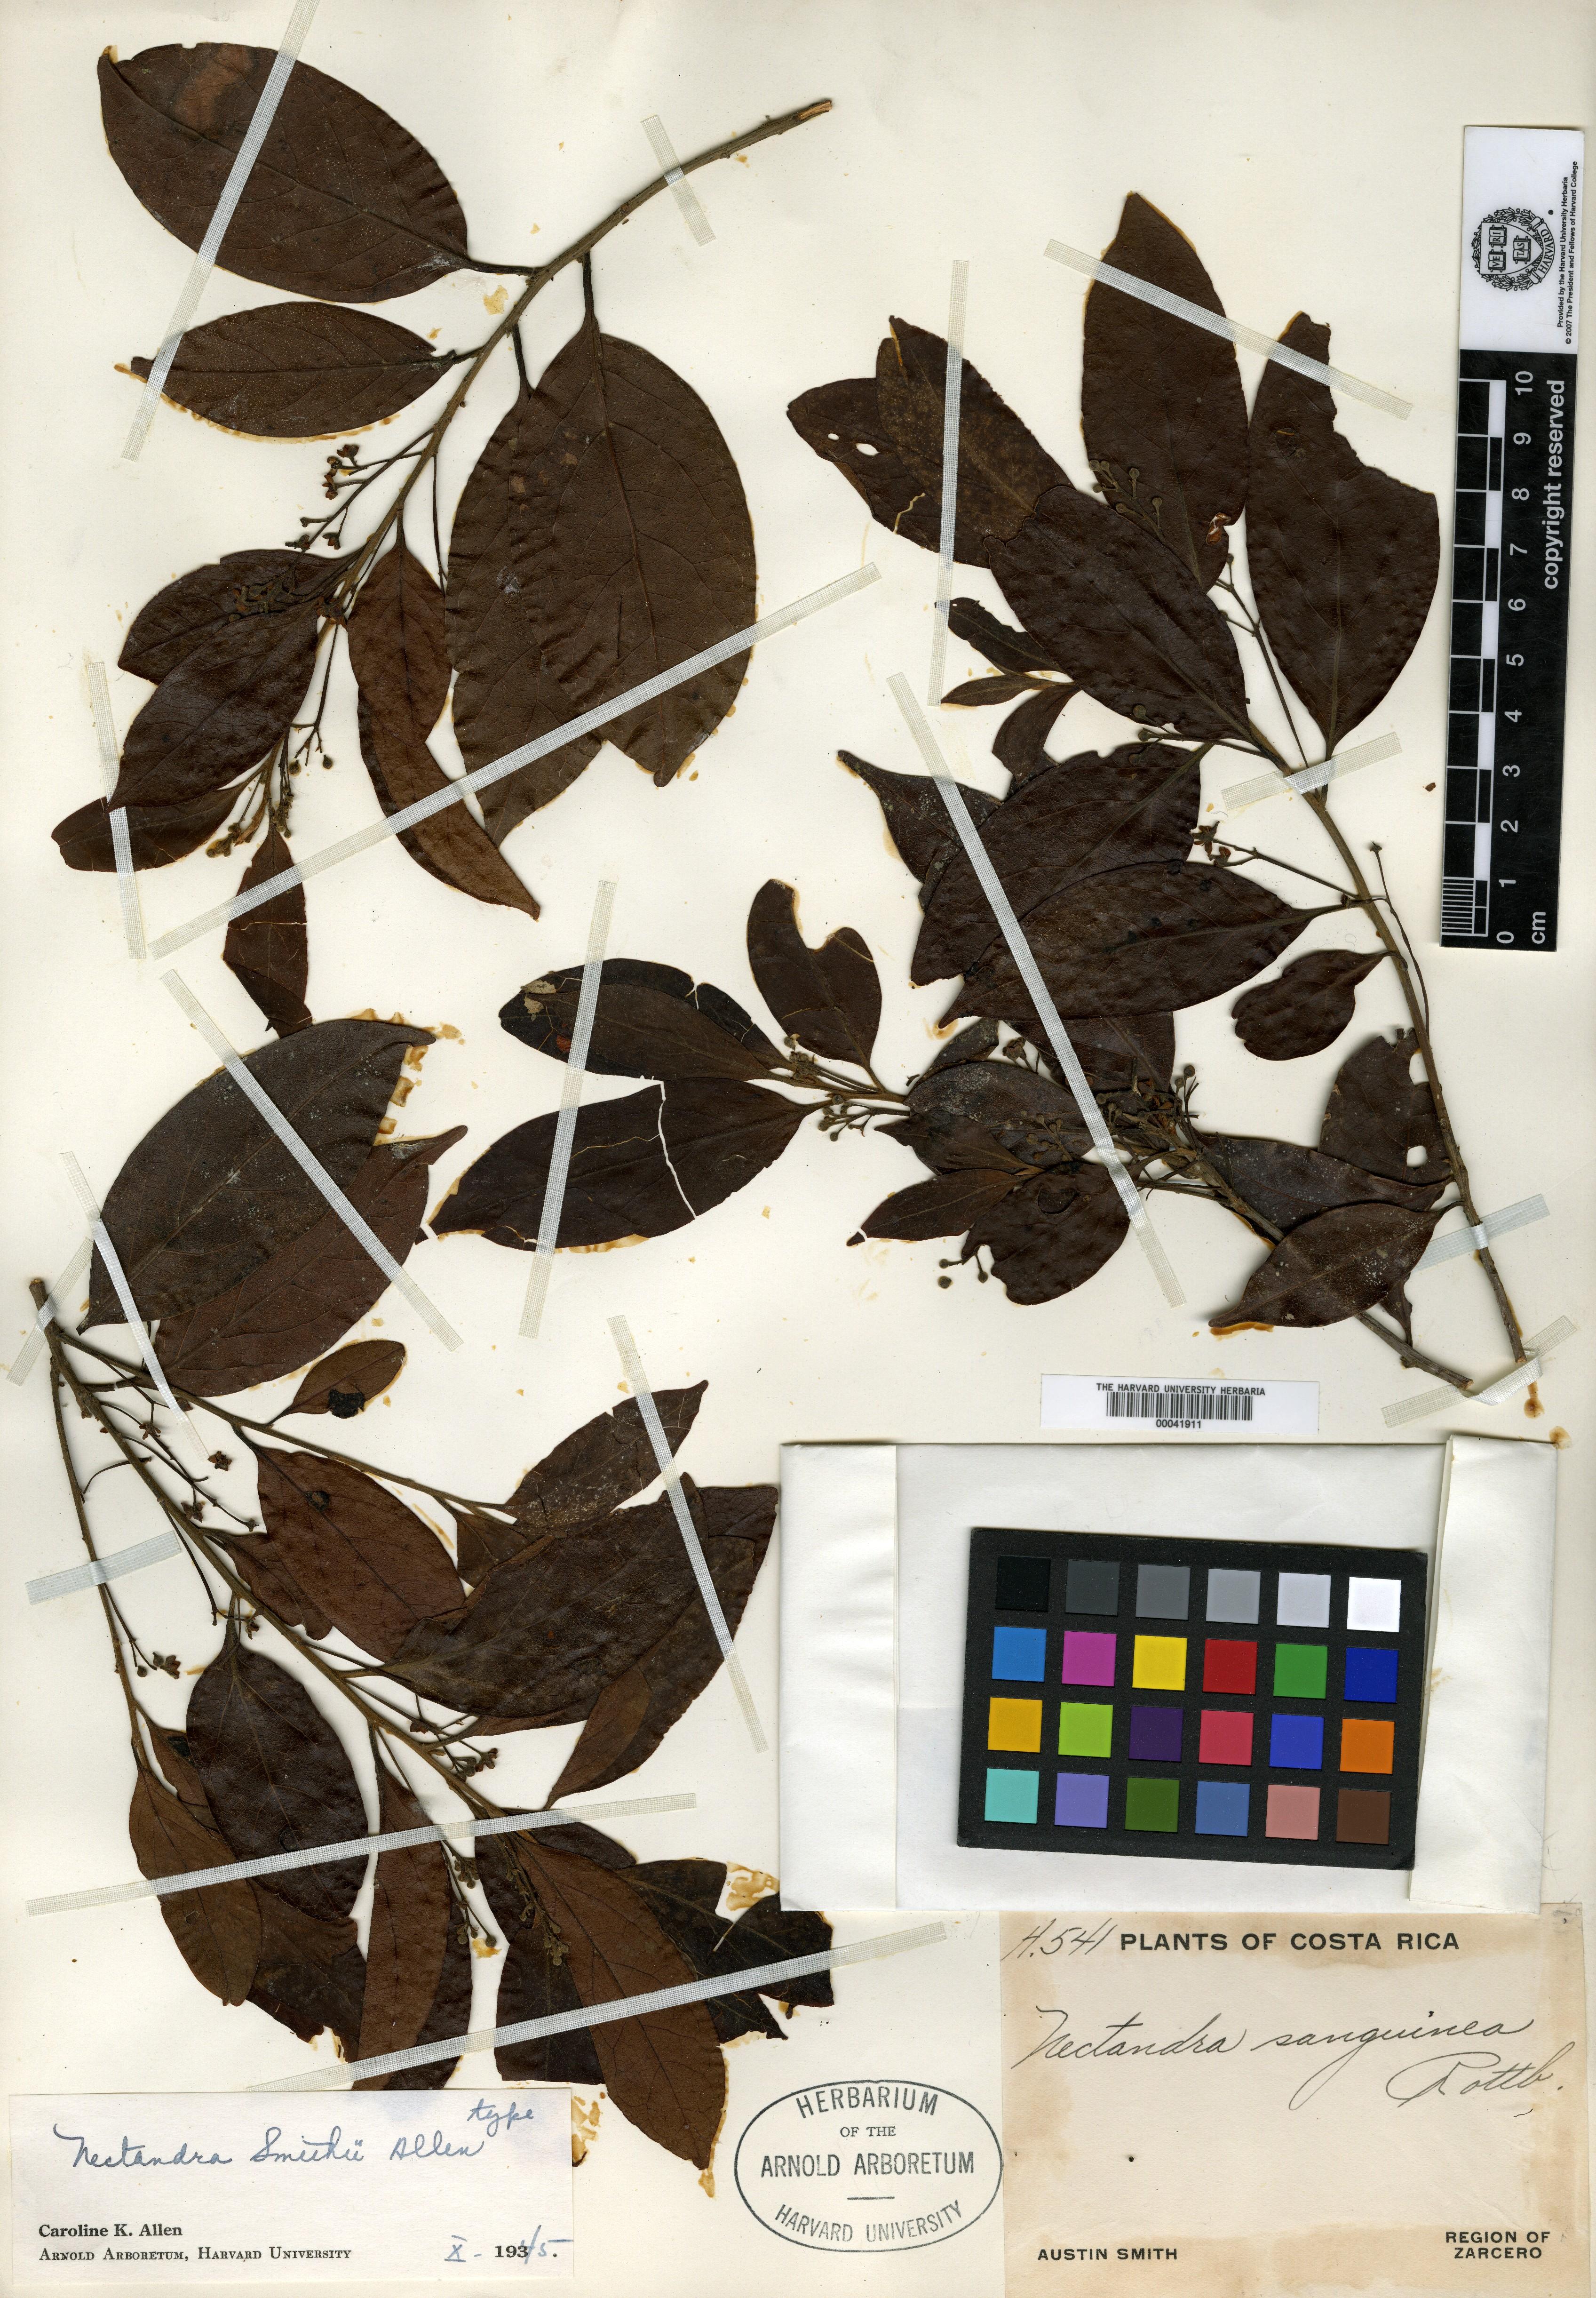 Nectandra smithii image